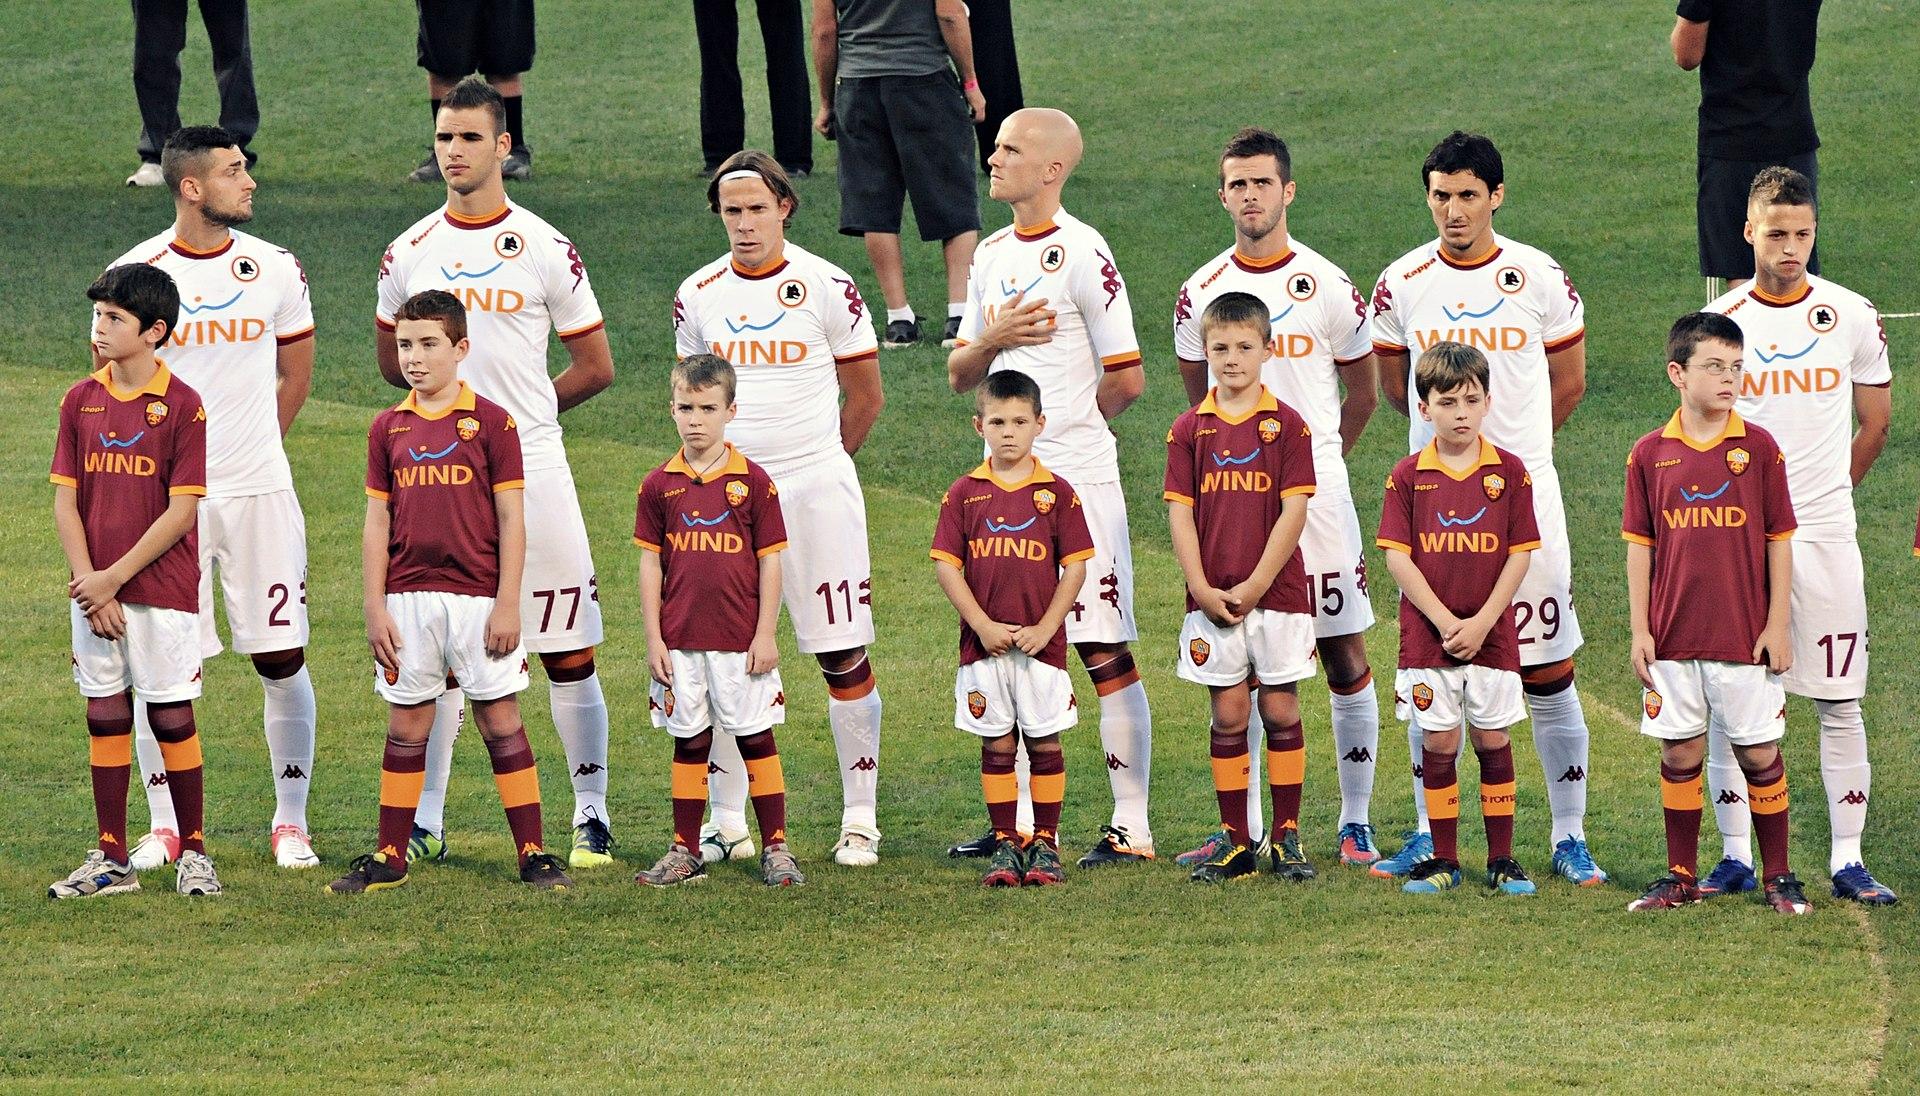 Associazione Sportiva Roma 2012-2013 - Wikipedia